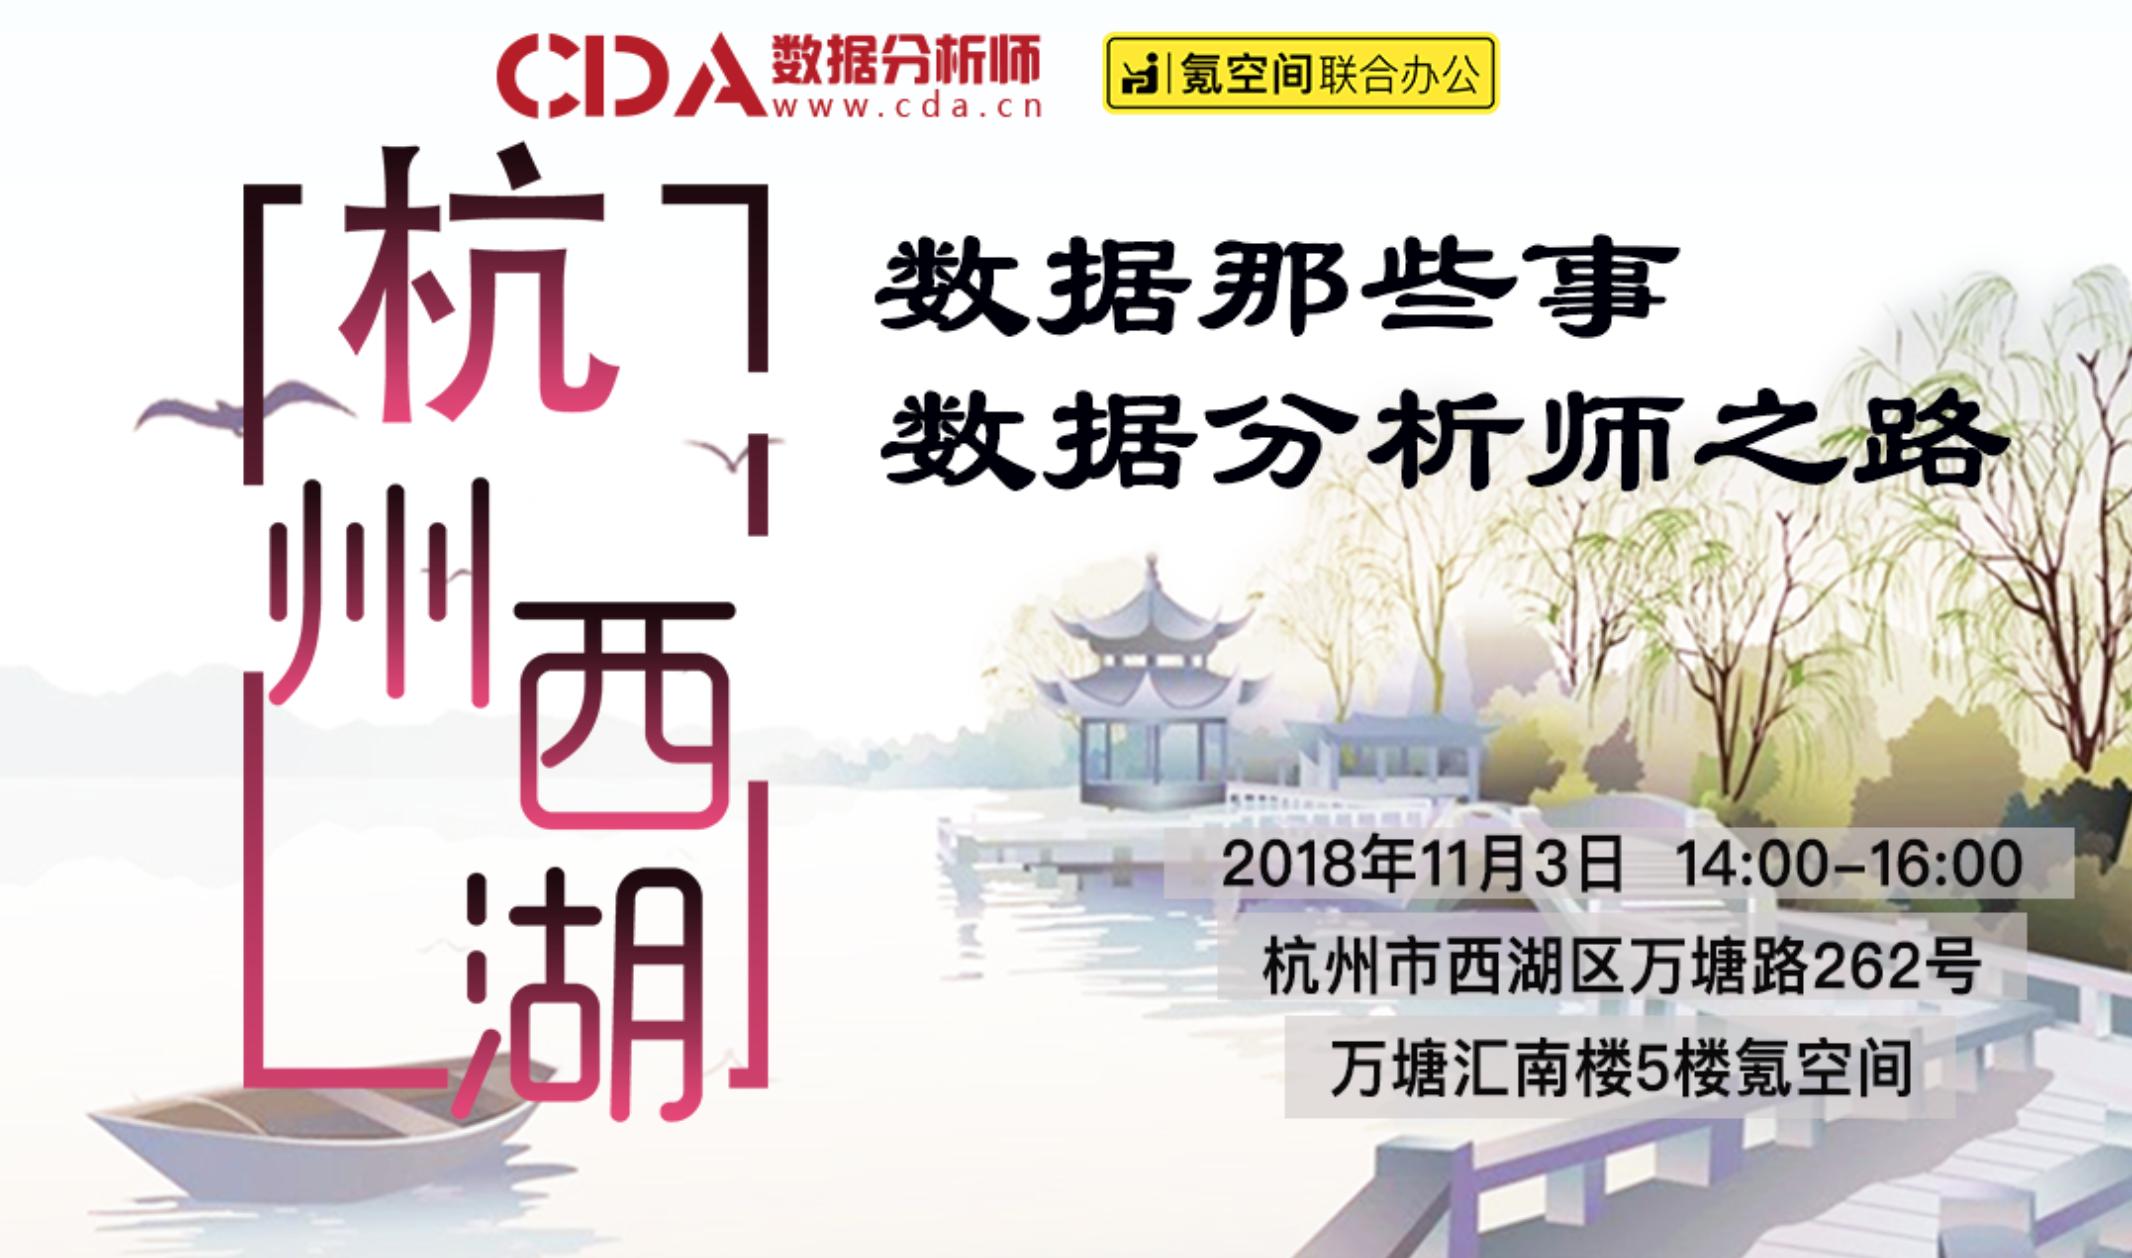 CDA《数据那些事》分享沙龙 杭州站 - 数据分析师成长之路